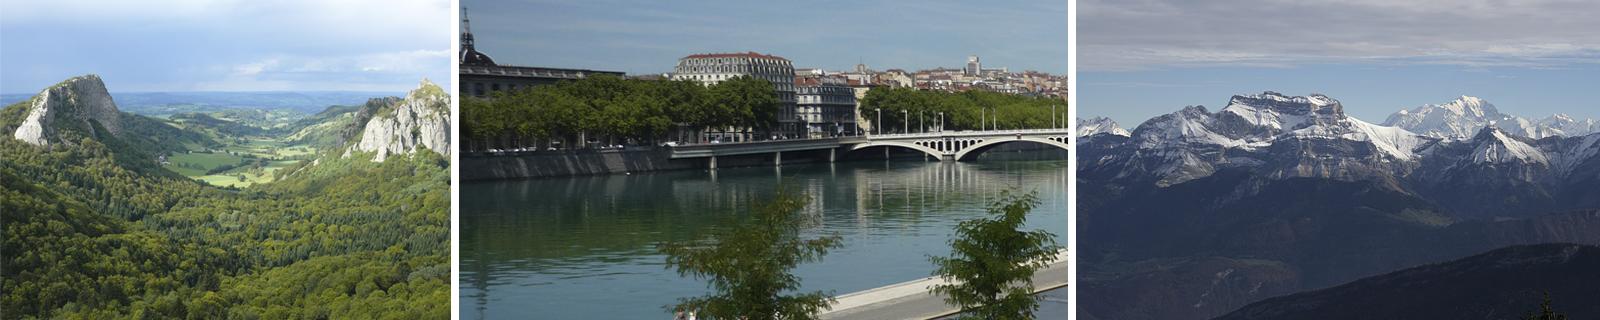 Agence sécurité en région Rhône Alpes | ATLANTIS SÉCURITÉ